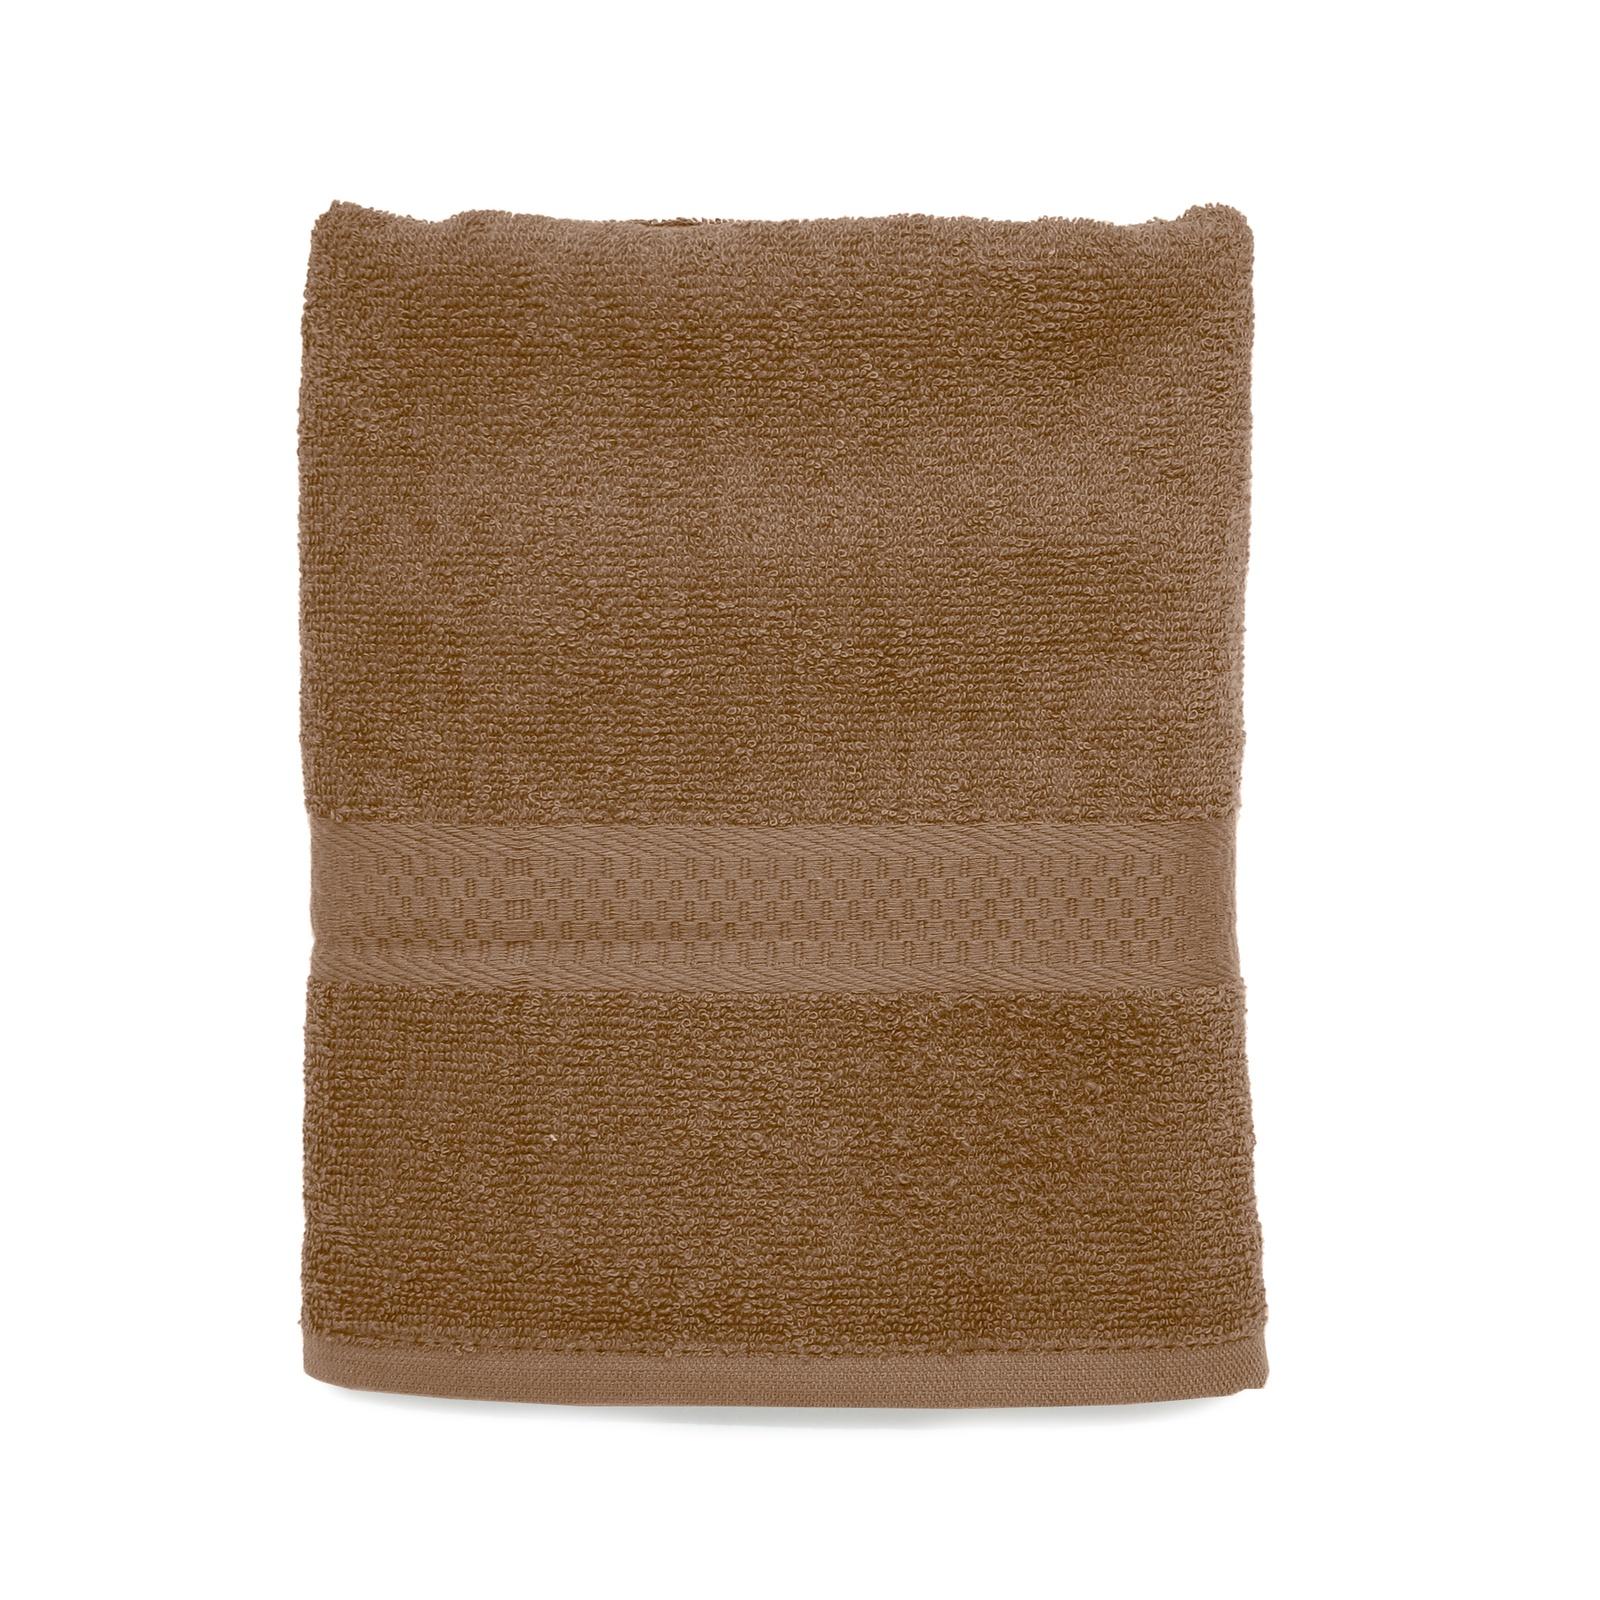 цена на Полотенце банное Spany, 21311318191, махровое, коричневый, 70 х 130 см